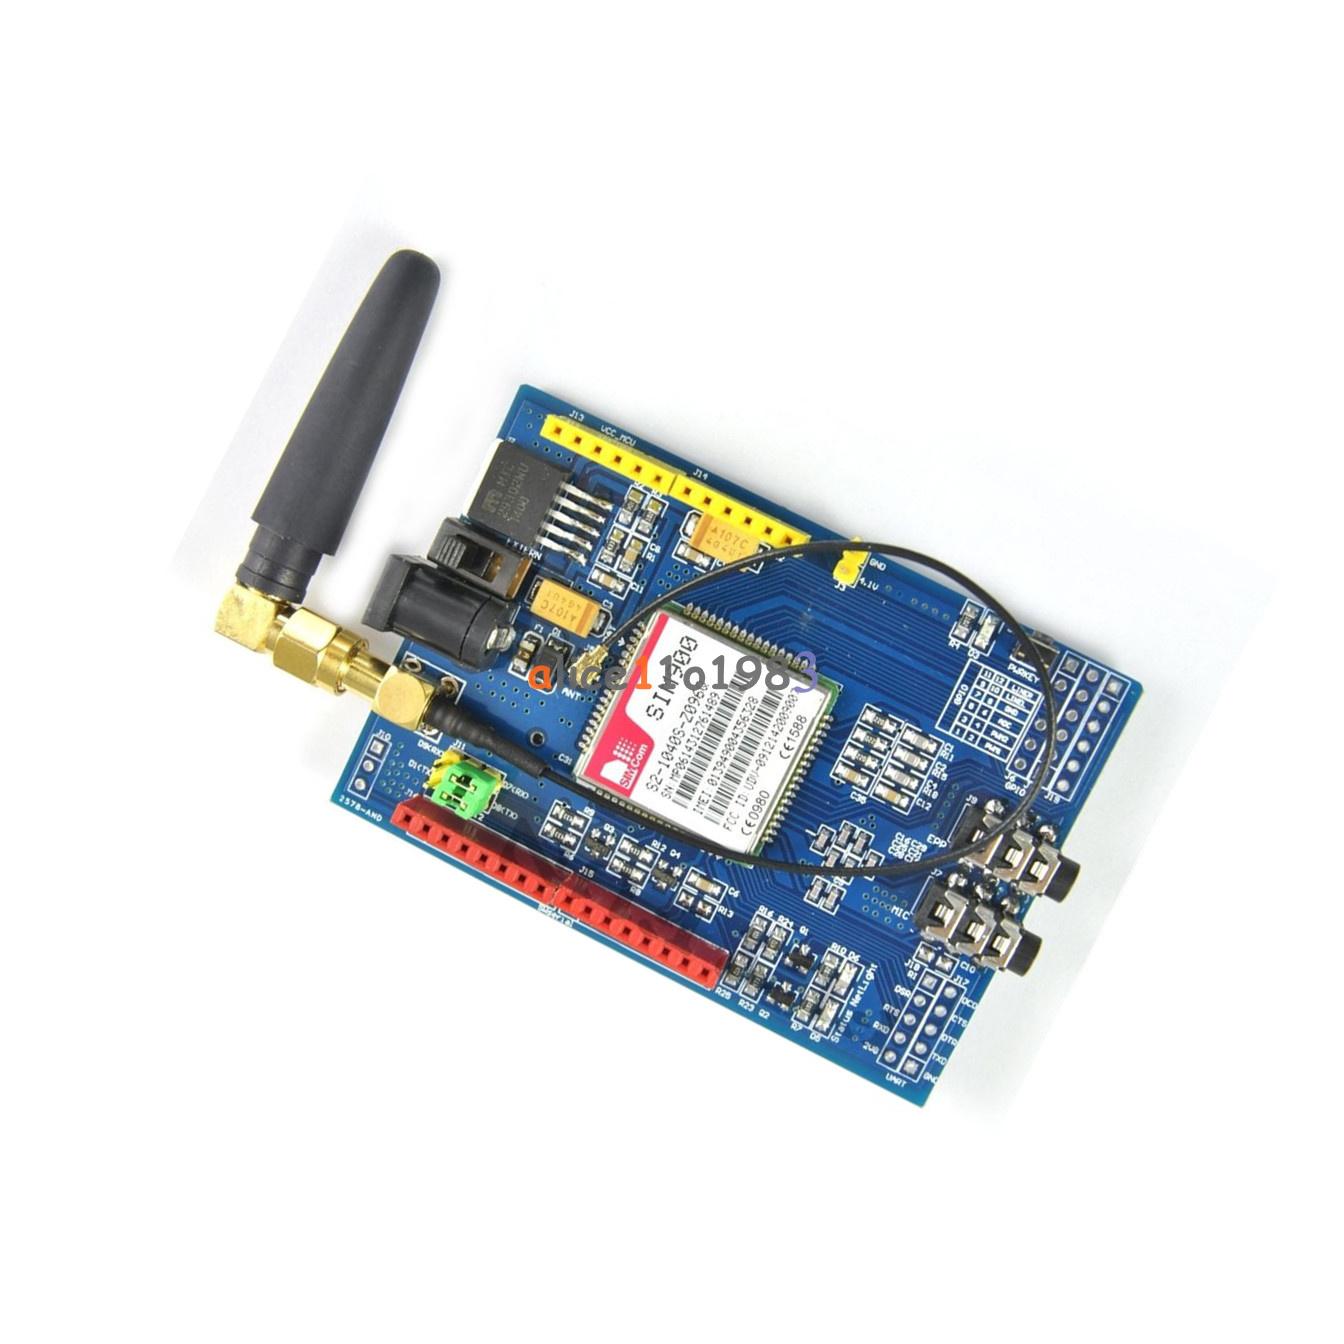 Sim a mhz gprs gsm development board module kit